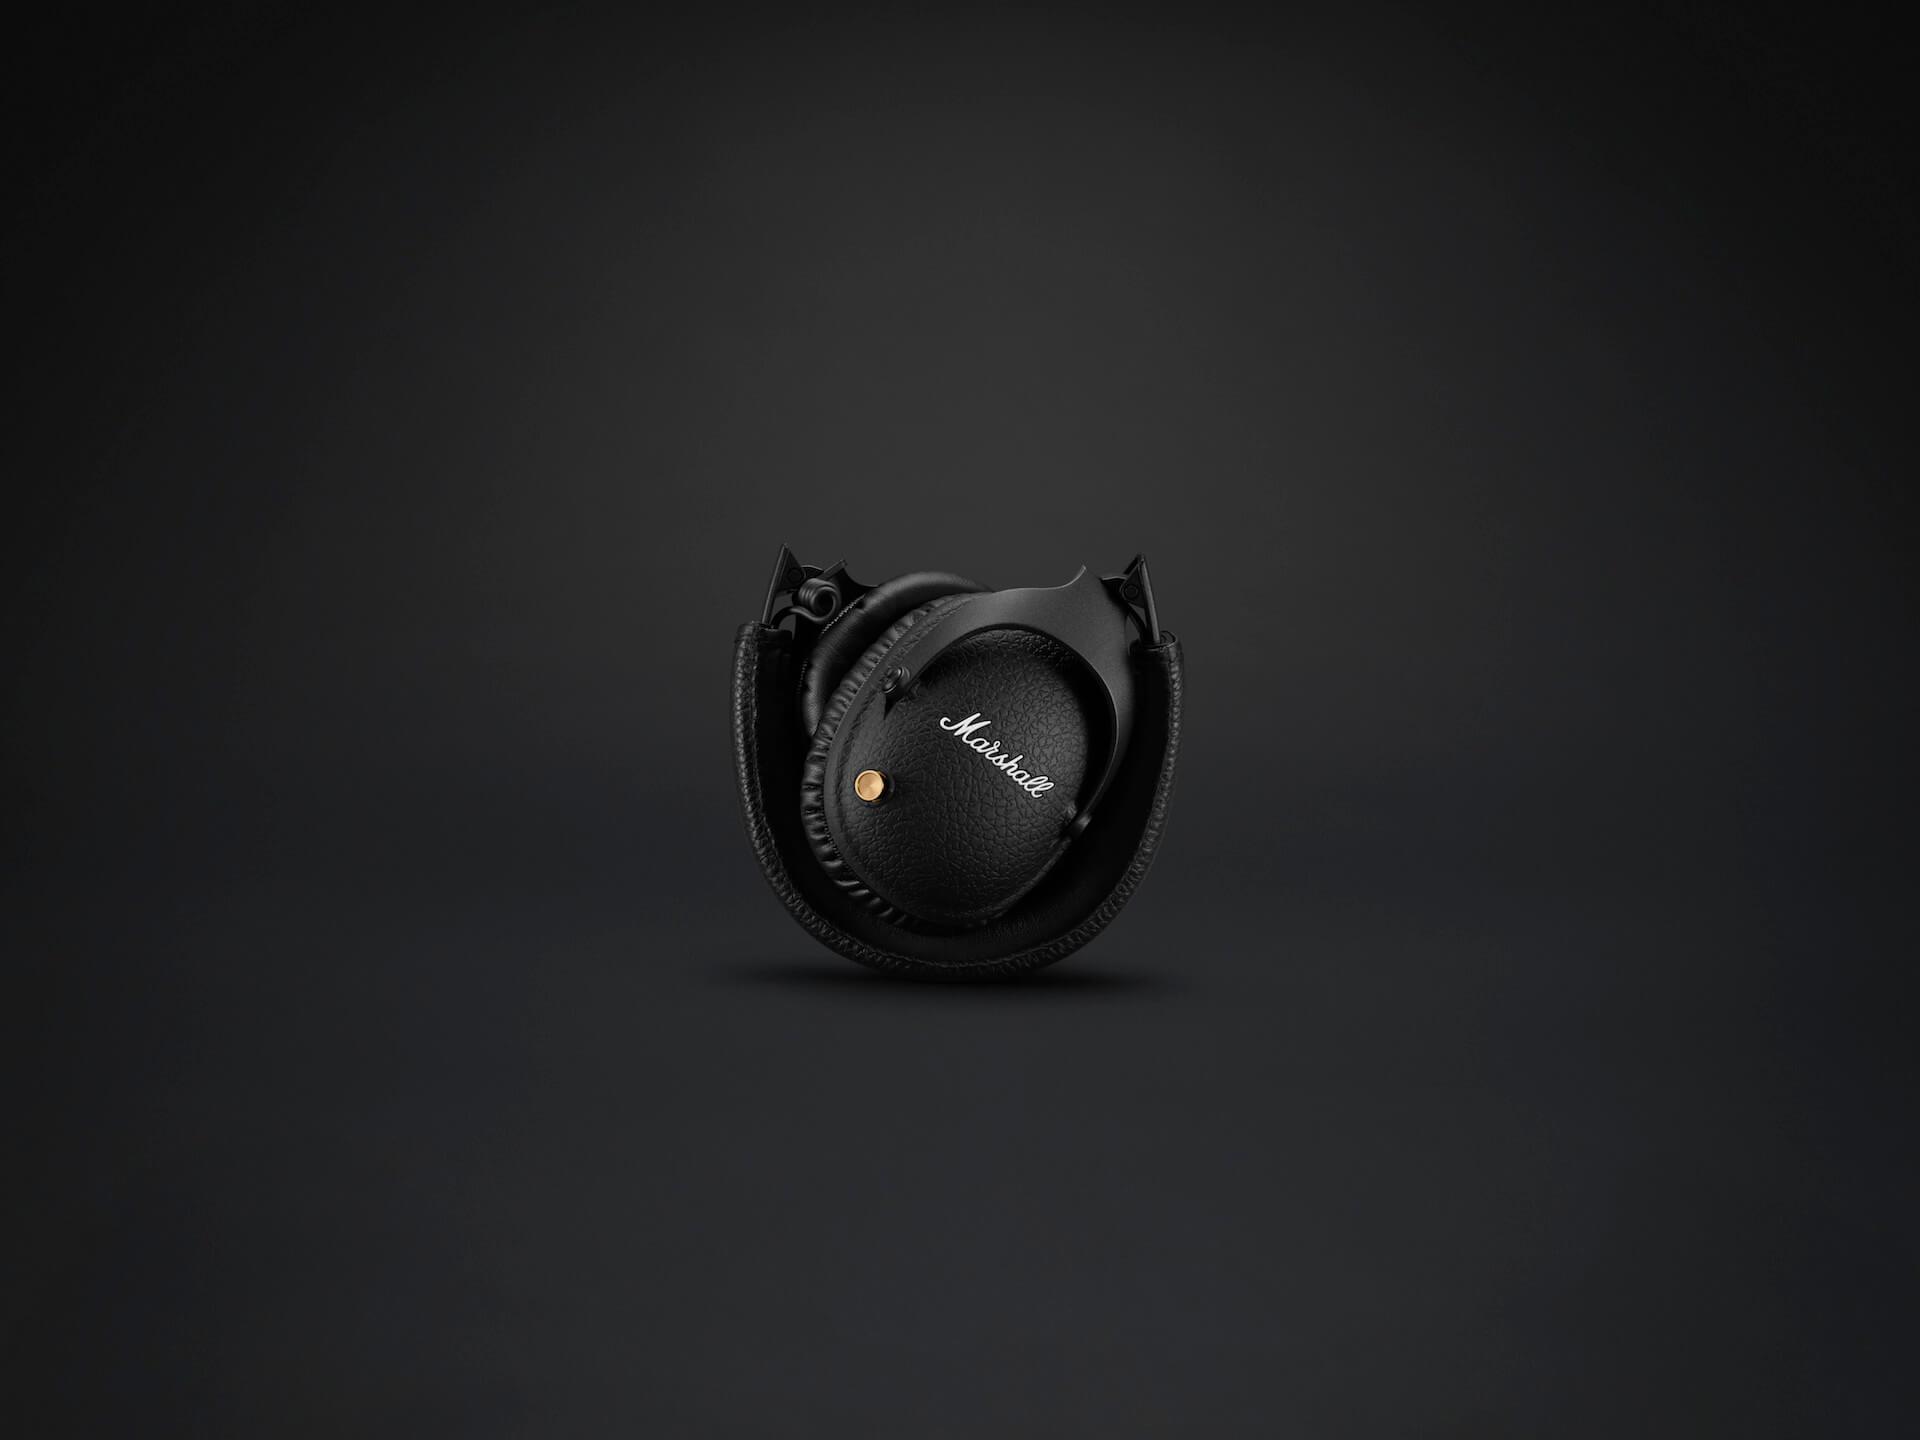 1回の充電で約30時間の連続再生が可能!Marshallのノイズキャンセリング機能付きヘッドホン「MonitorIIA.N.C」が発売決定 tech200615_marshall_11